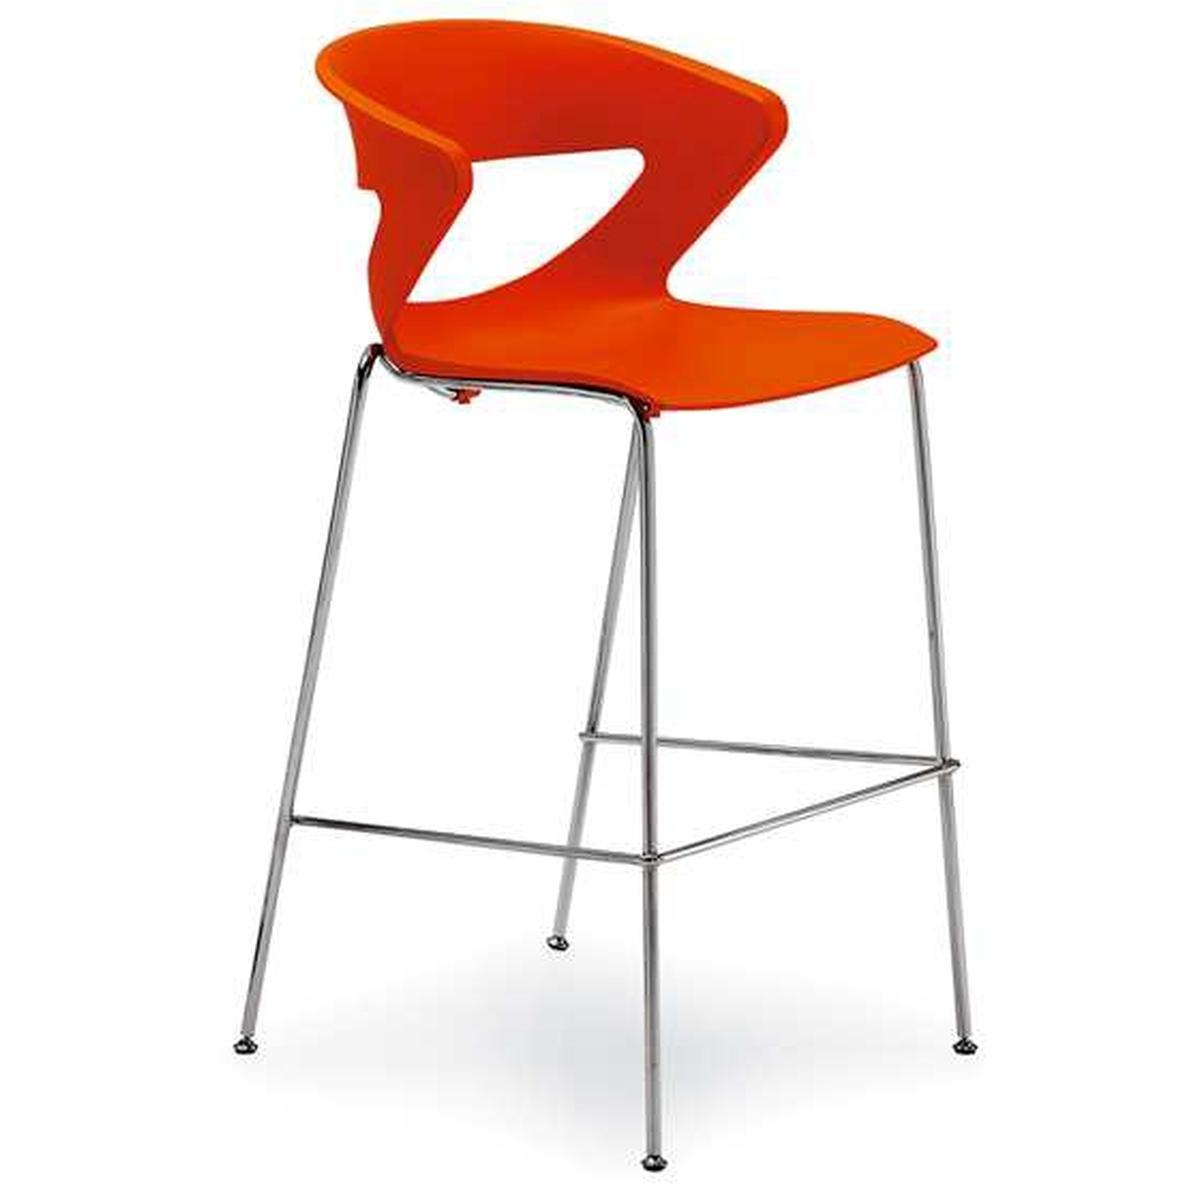 Küchentisch Hoch Mit Hocker ~ kastel kicca hocker, hoch, mit 4 fußgestell online shop für büromöbel& accessoires